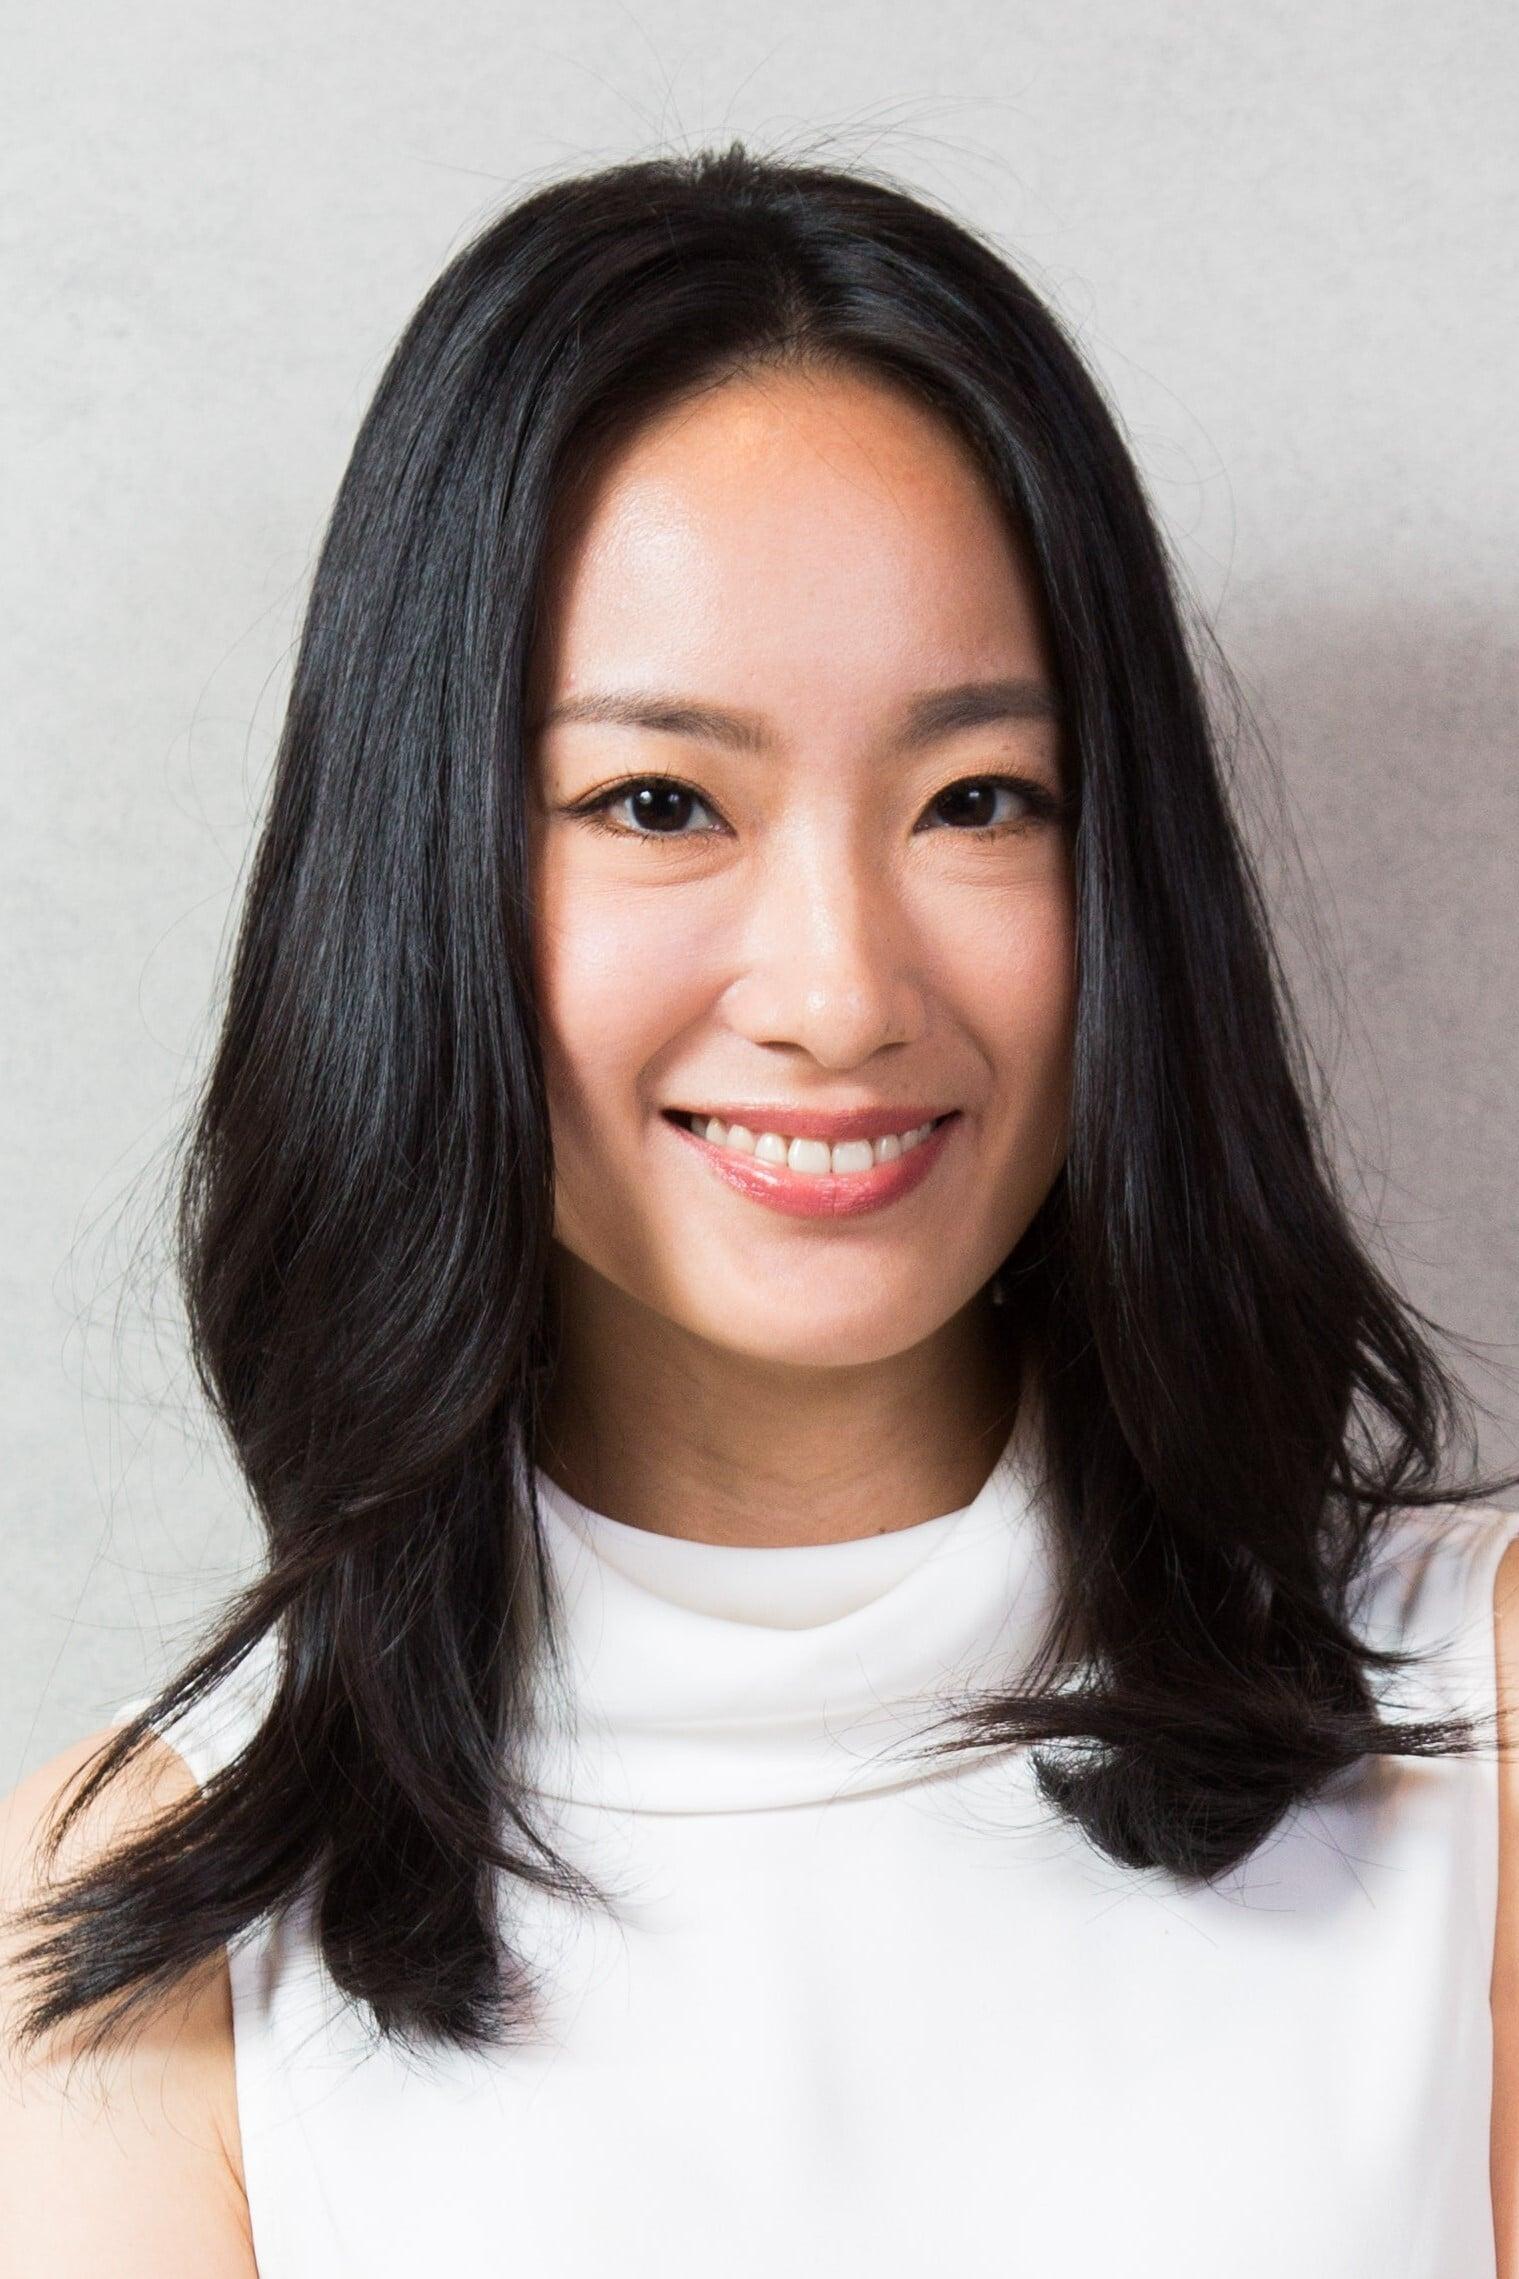 Yu-Chen He